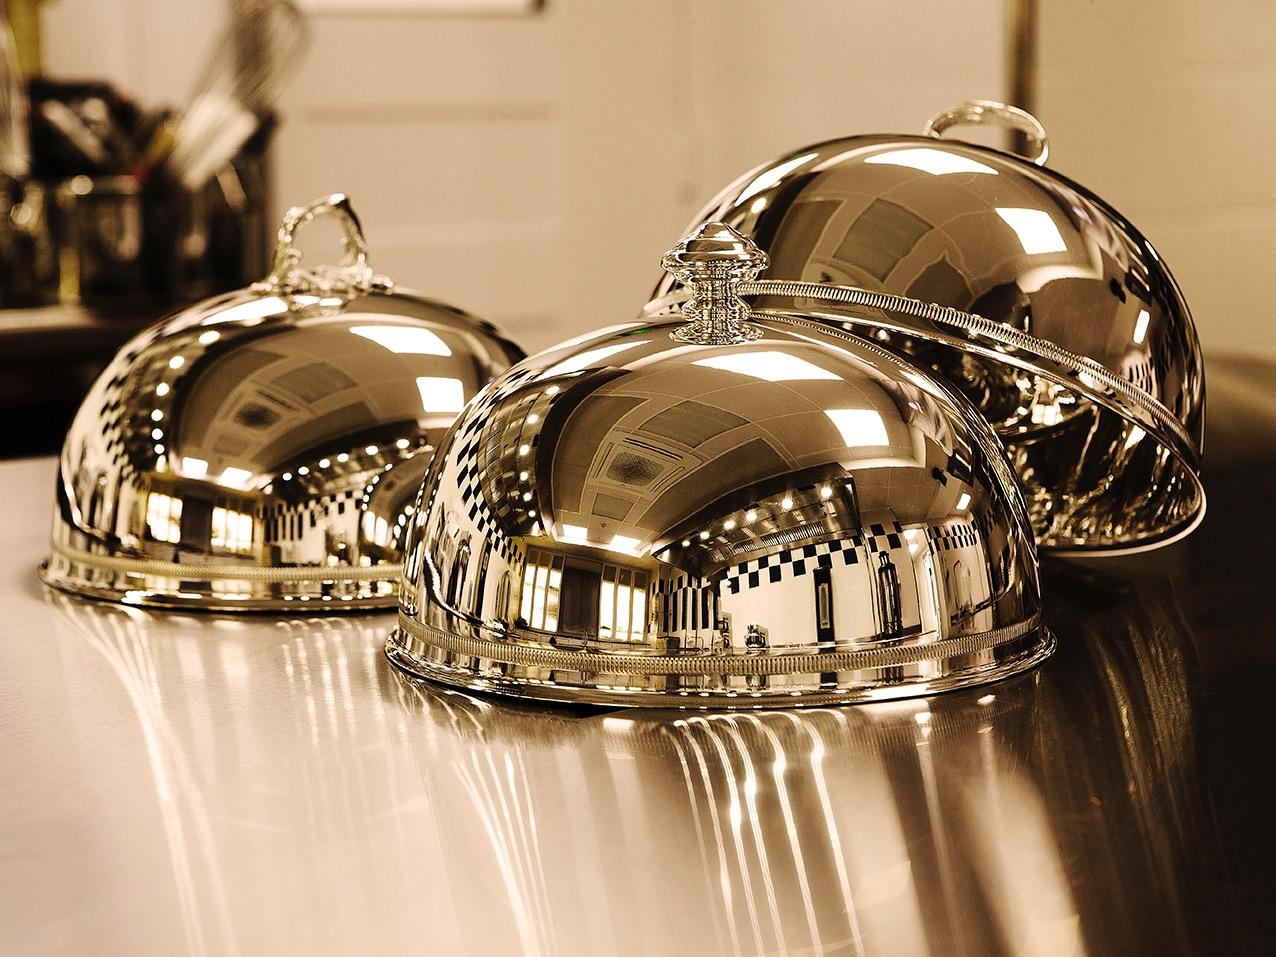 Les cloches du Ritz, Cuisine de l'ecole ©Alban Couturier